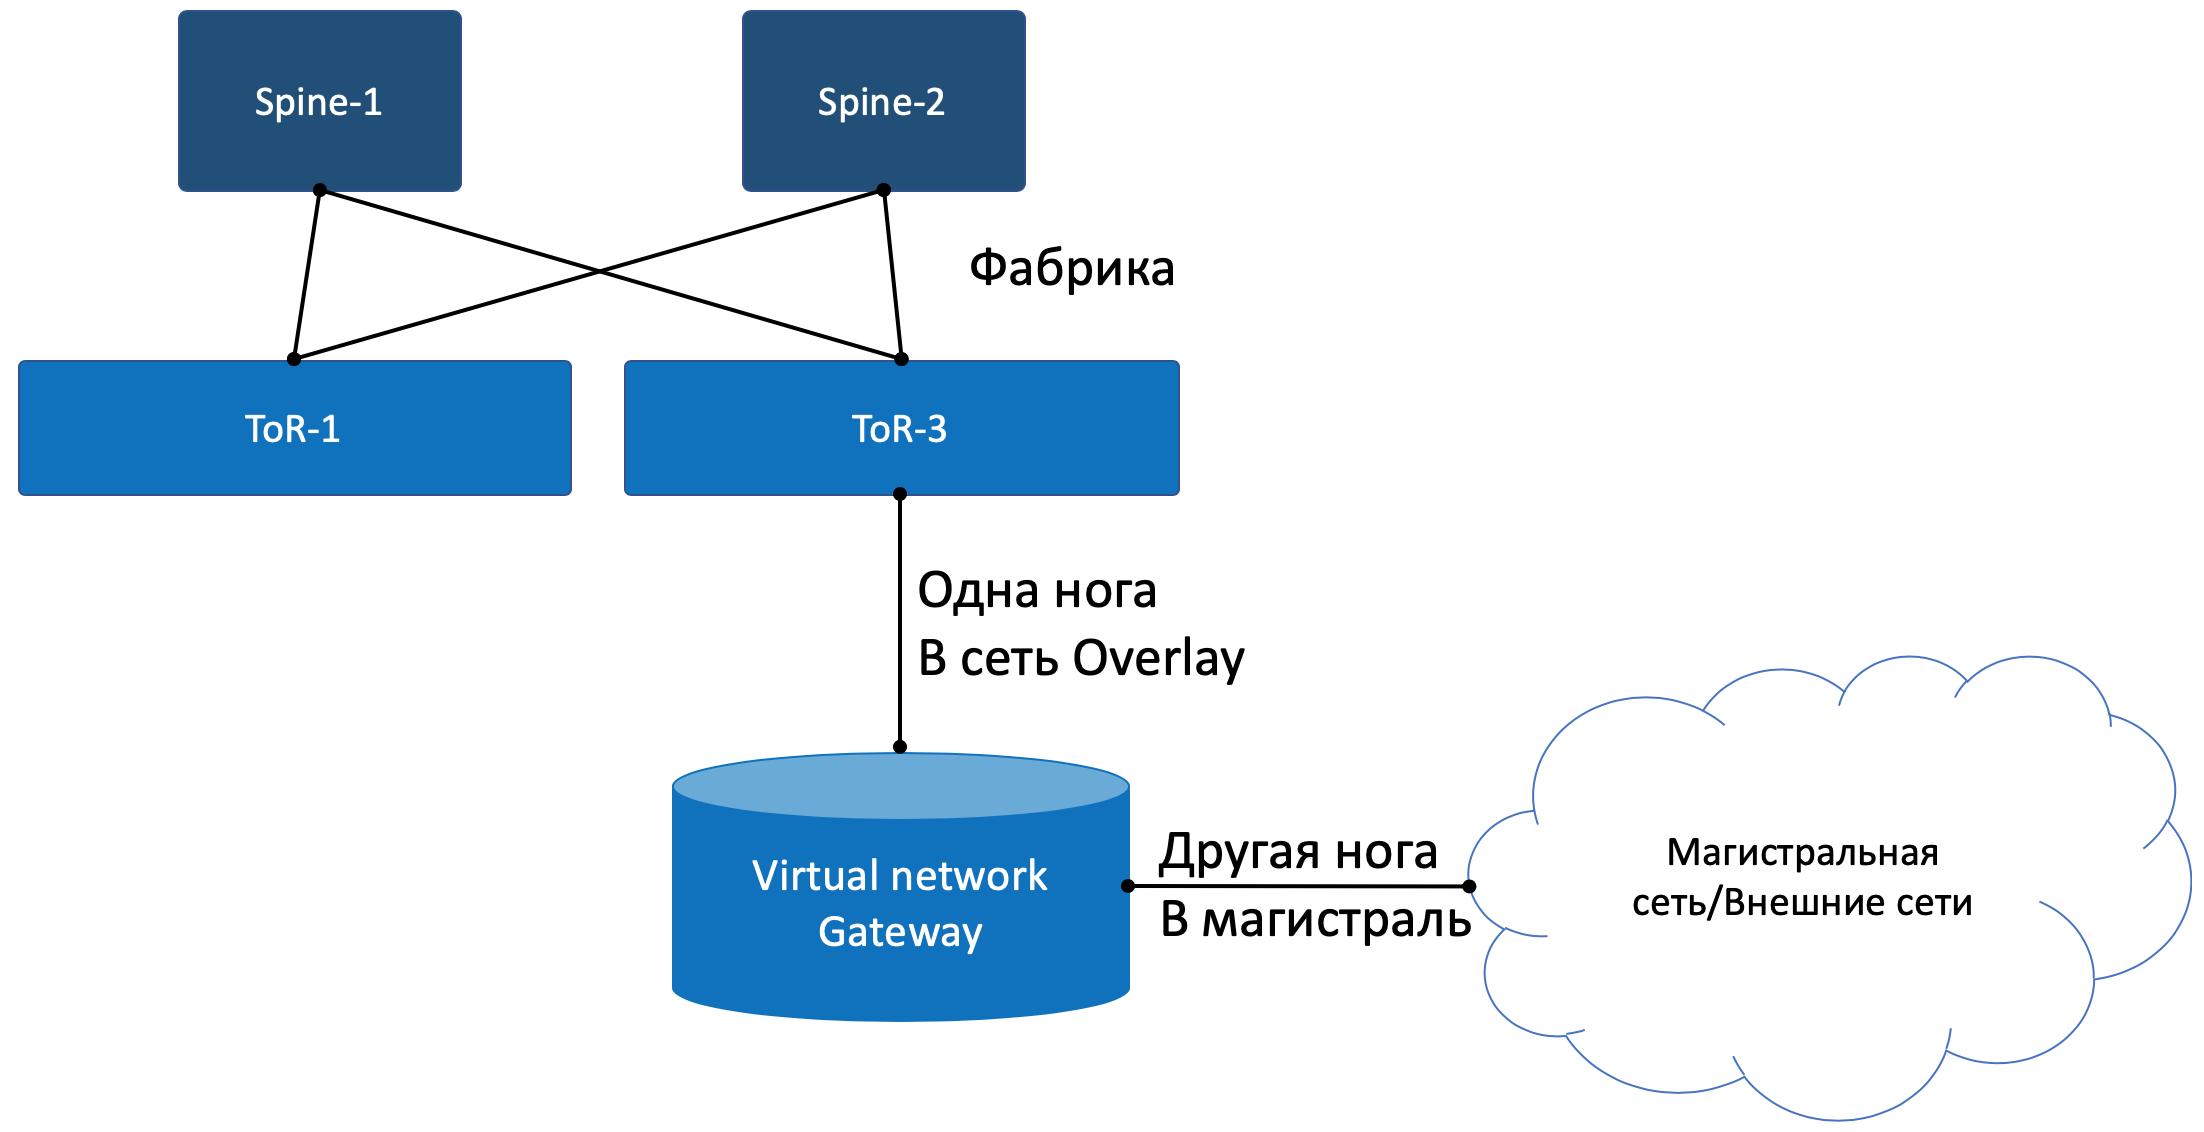 Автоматизация Для Самых Маленьких. Часть первая (которая после нулевой). Виртуализация сети - 17